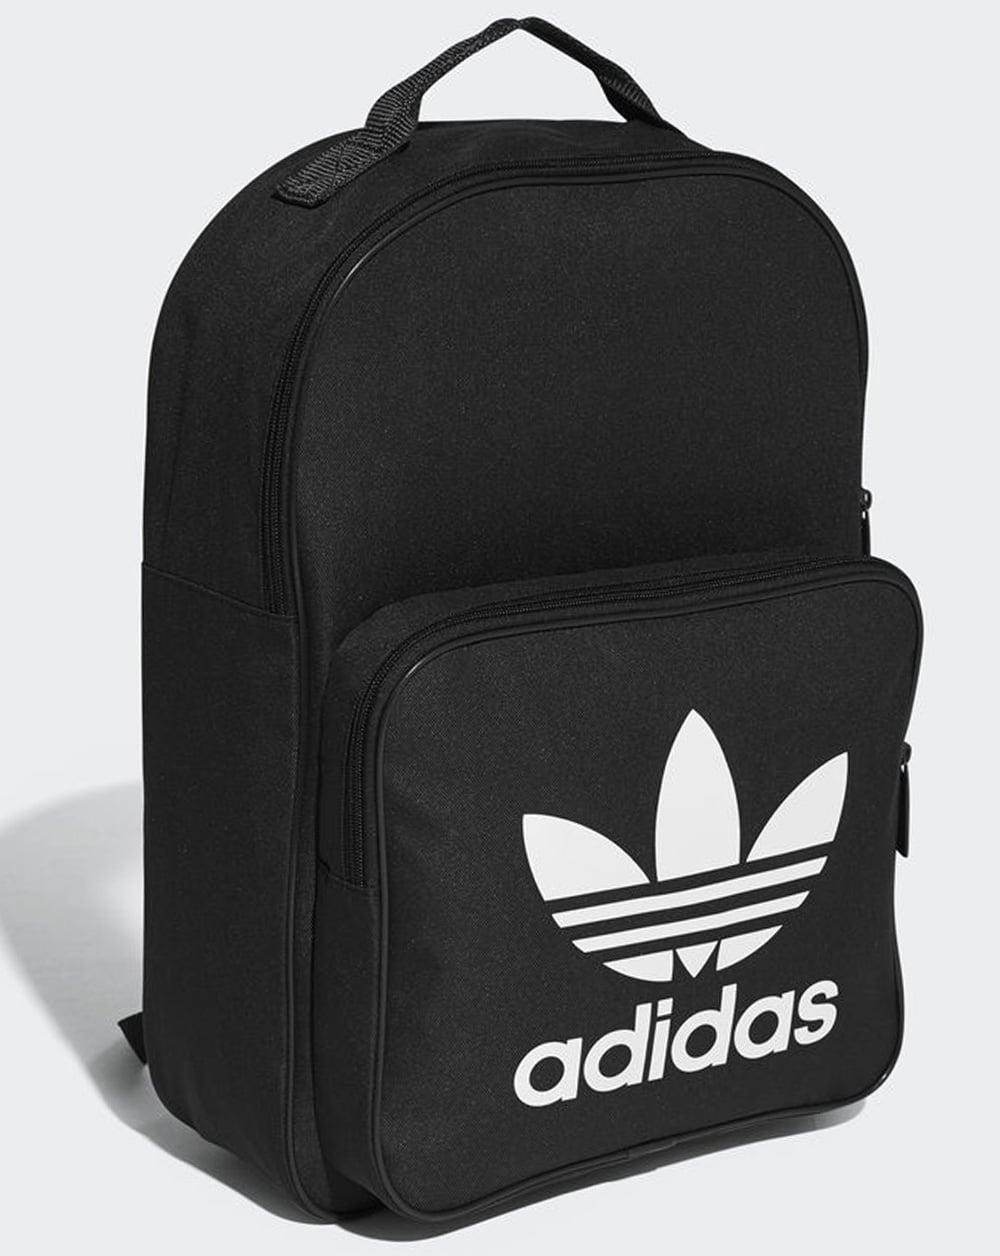 7315e07bf047 adidas Originals Adidas Originals Classic Backpack Black